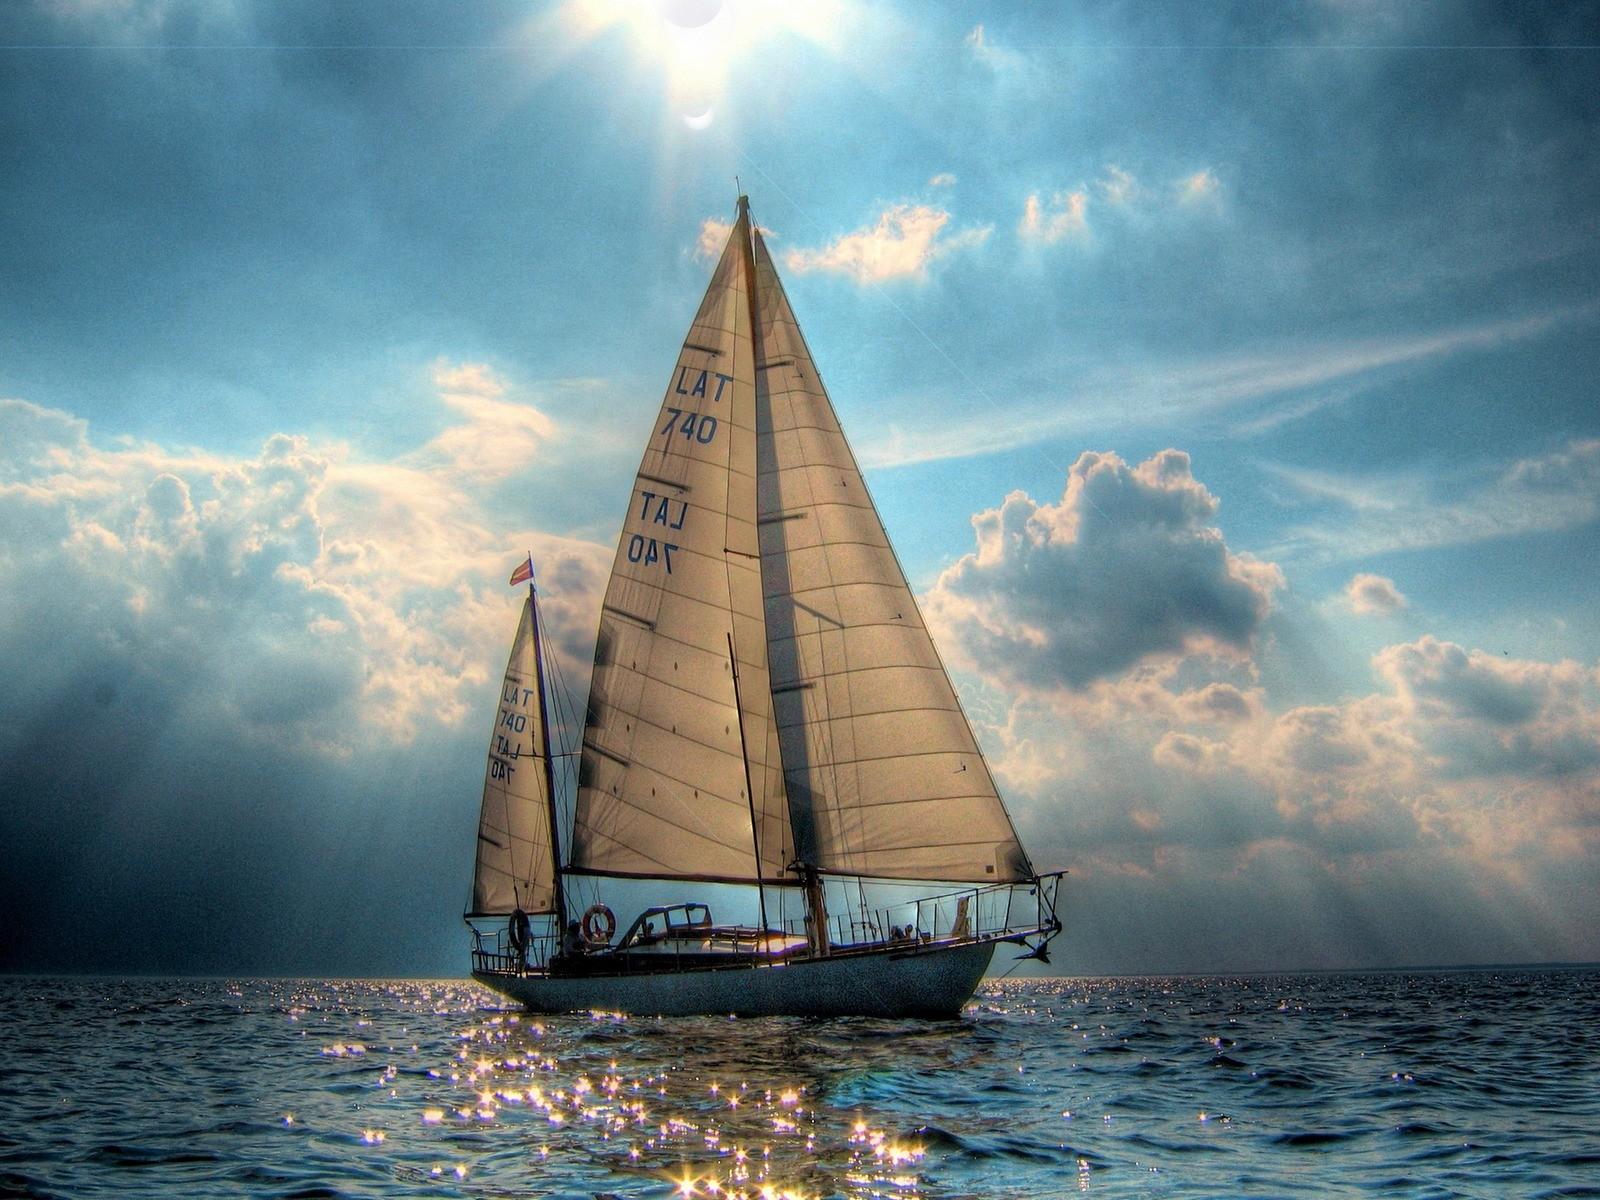 Sailboat Sea Ocean Hd Jootix 514841 Wallpaper wallpaper